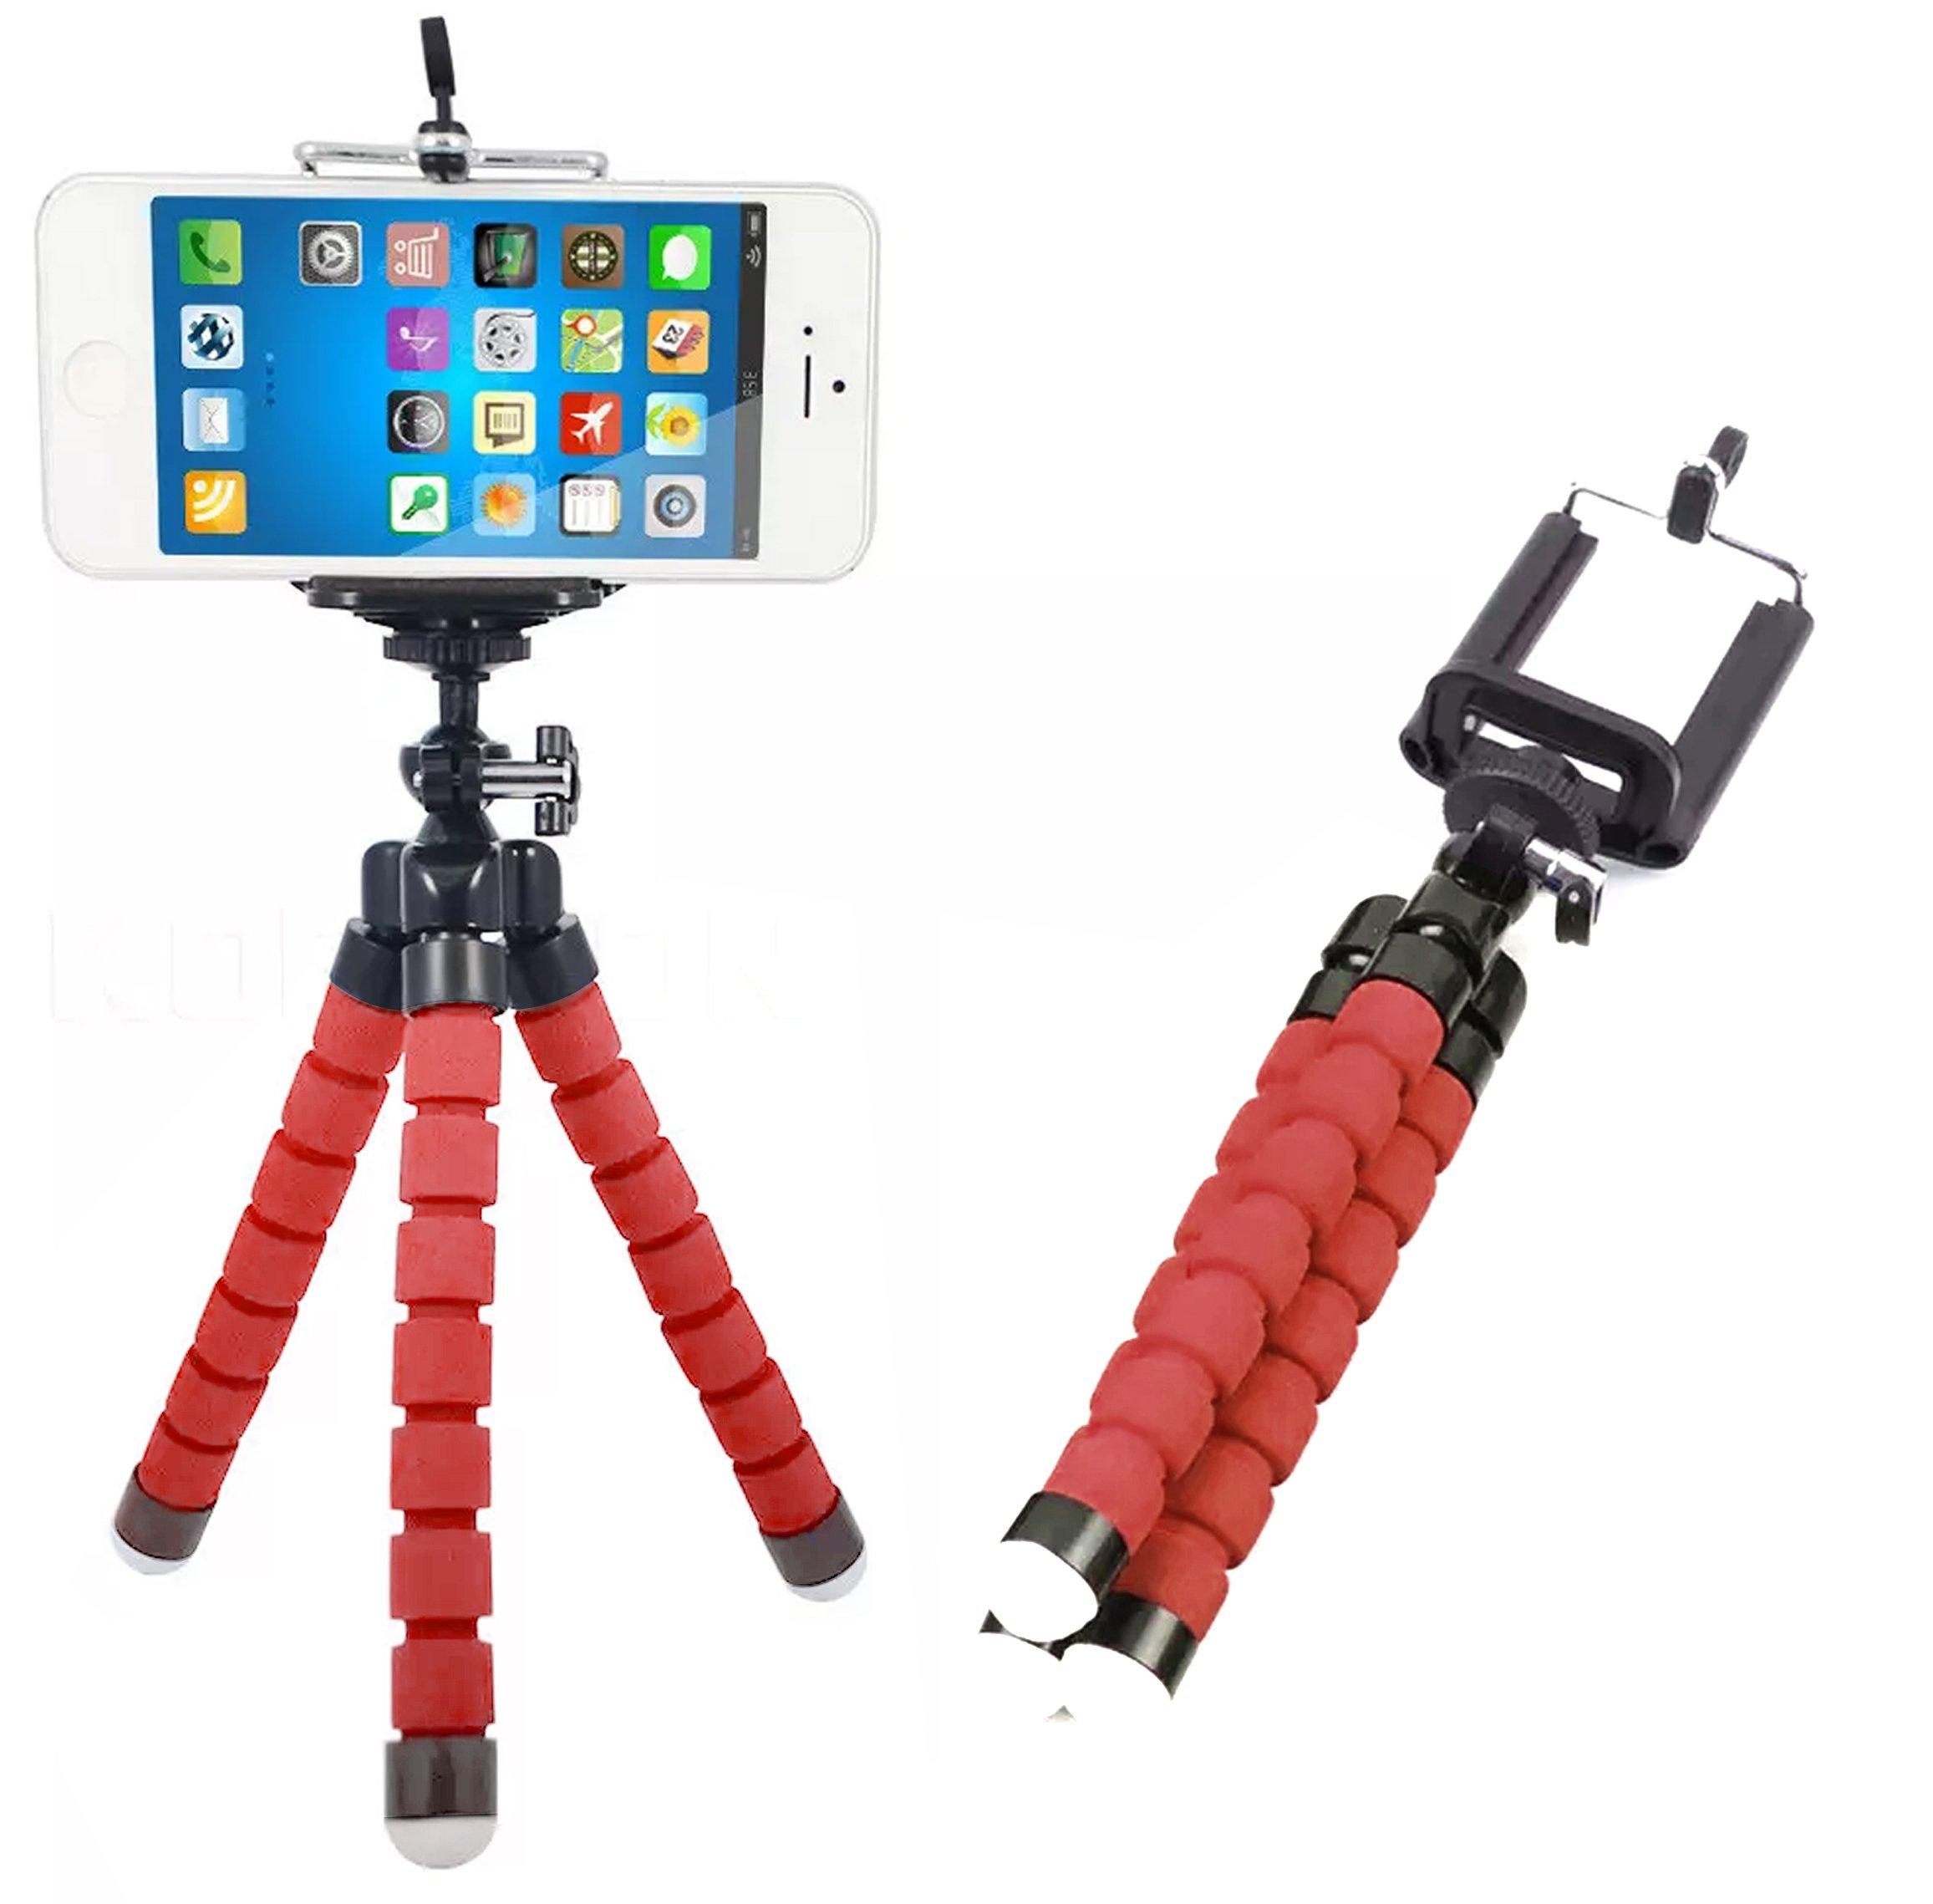 Digital CAM teléfono trípode Set: portátil y ajustable soporte de cámara soporte con Bluetooth remoto y Clip Universal para cualquier smartphone Cam y Go Pro, Self temporizador para selfie, dobla y gira: